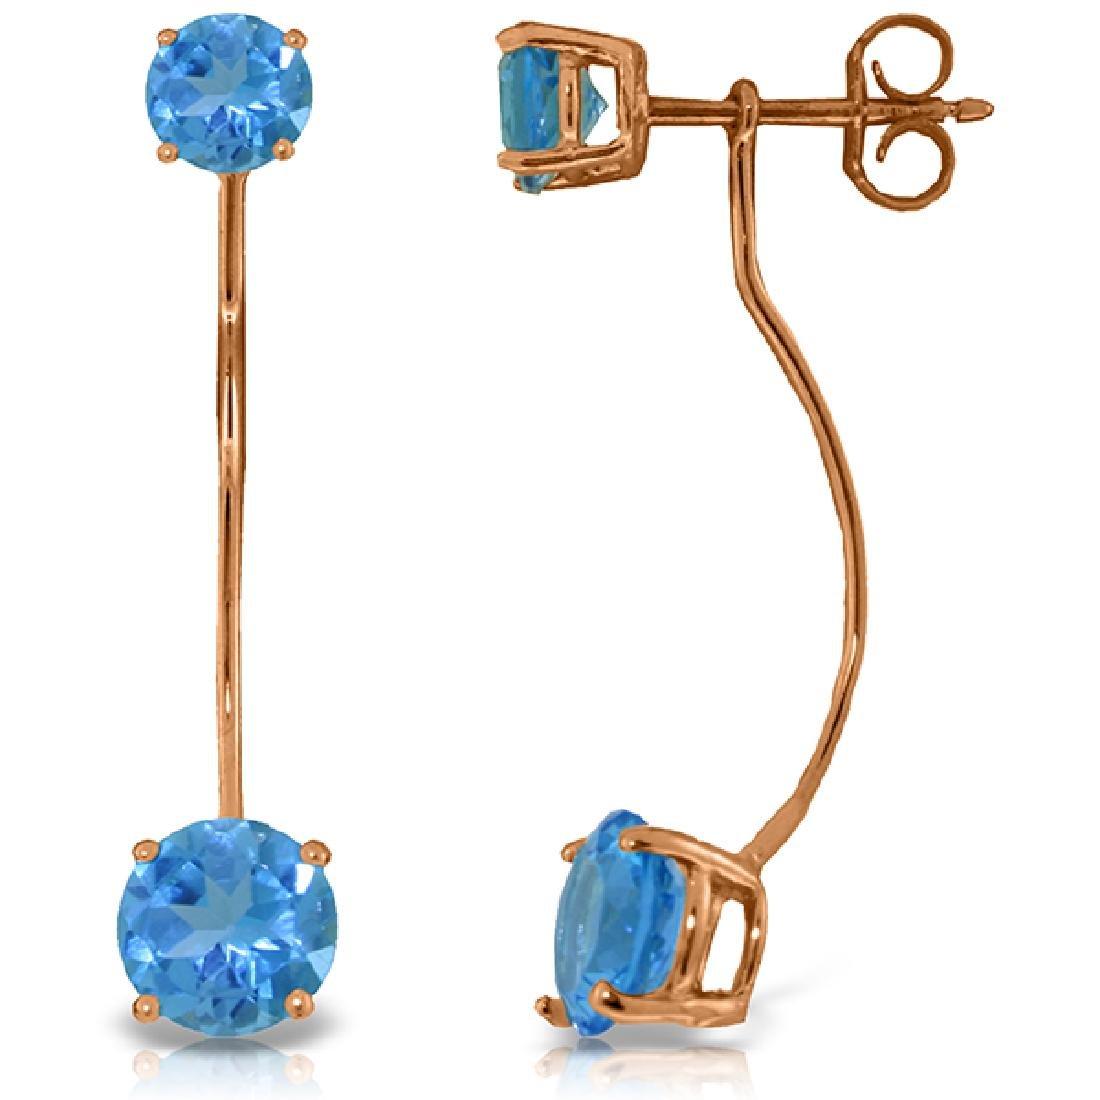 Genuine 4.3 ctw Blue Topaz Earrings Jewelry 14KT Rose